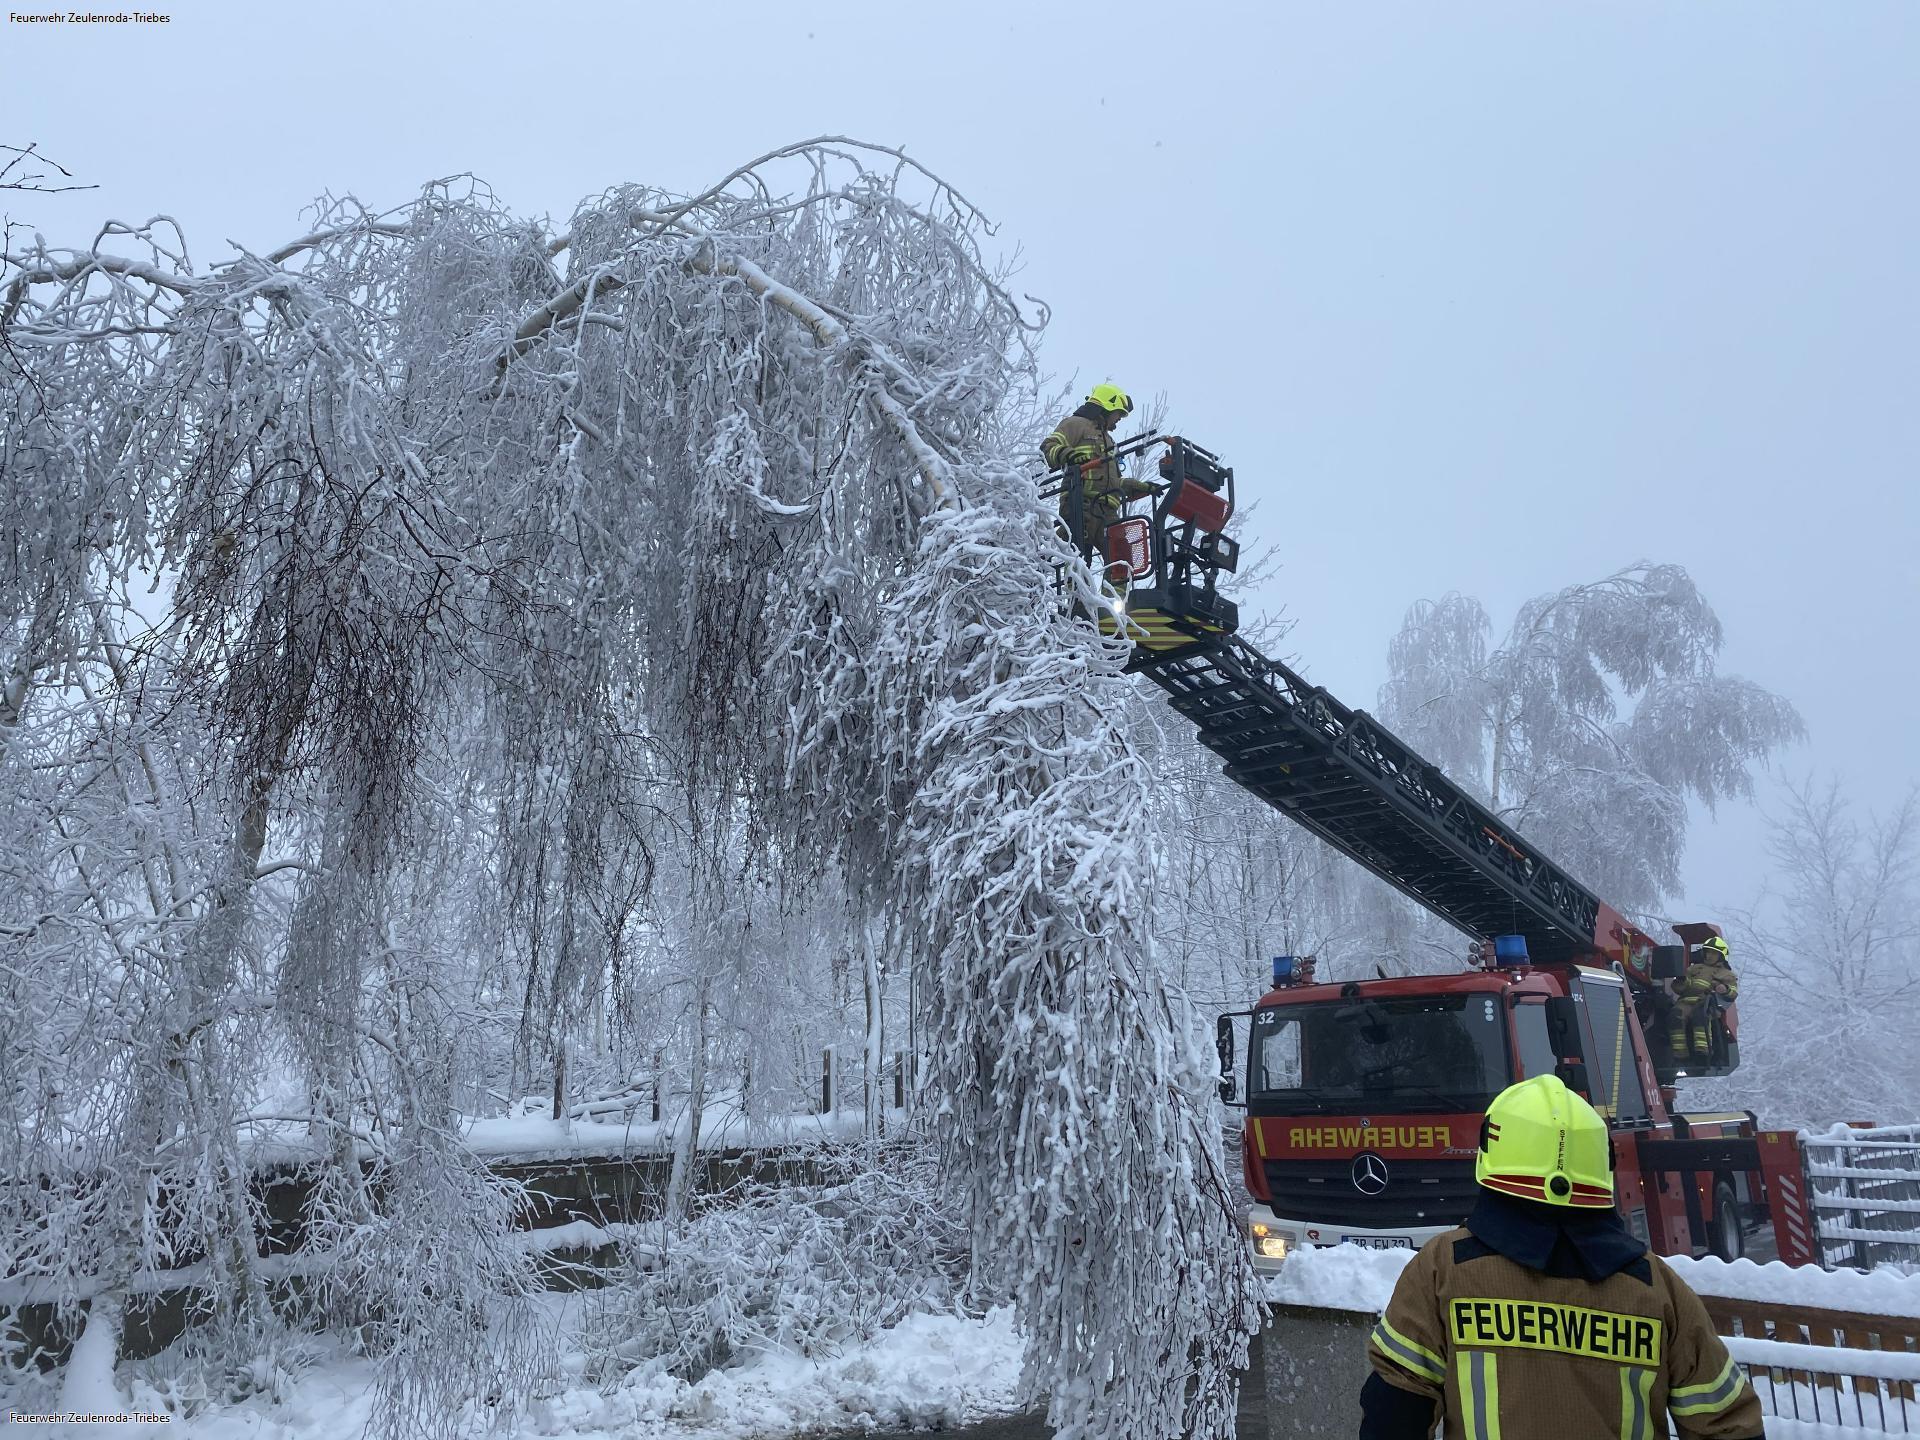 Feuerwehr Zeulenroda im Dauereinsatz